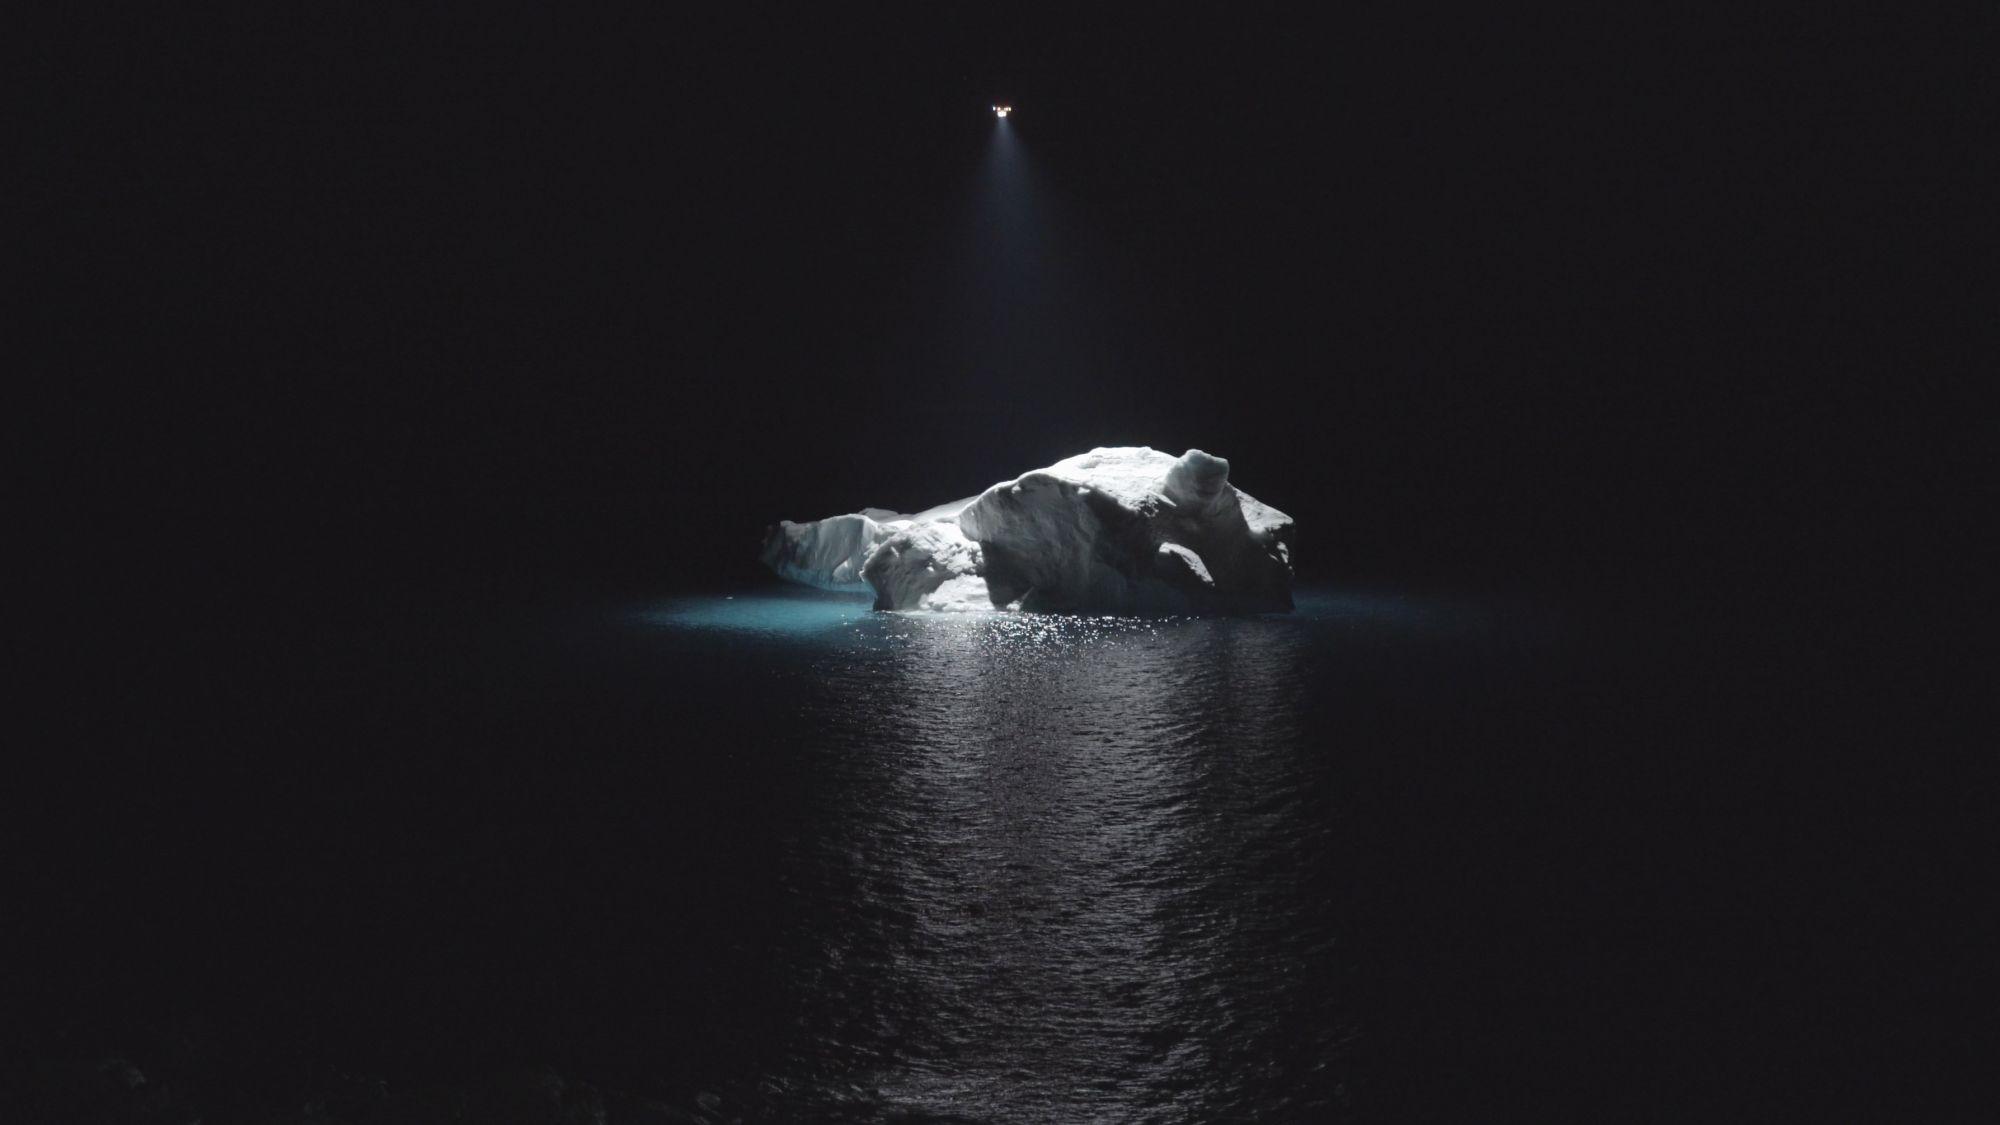 頂級保養品牌la prairie與藝術家Julian Charrière跨界合作!將「光」的力量完美呈現